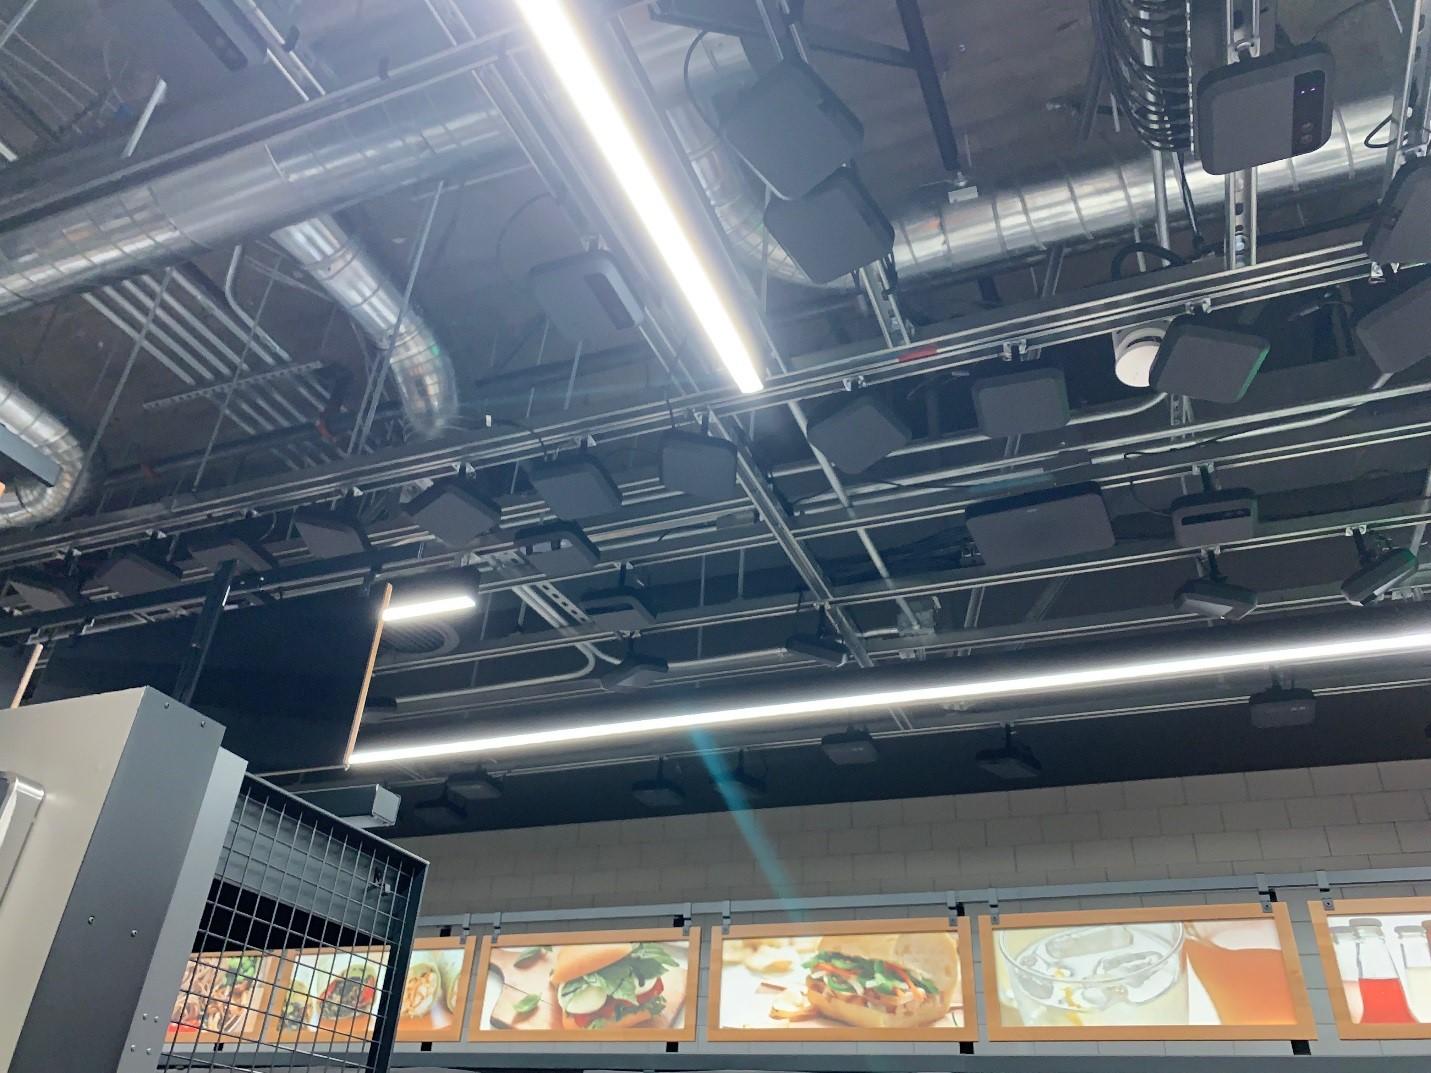 AmazonGo店内のセンサー・カメラ